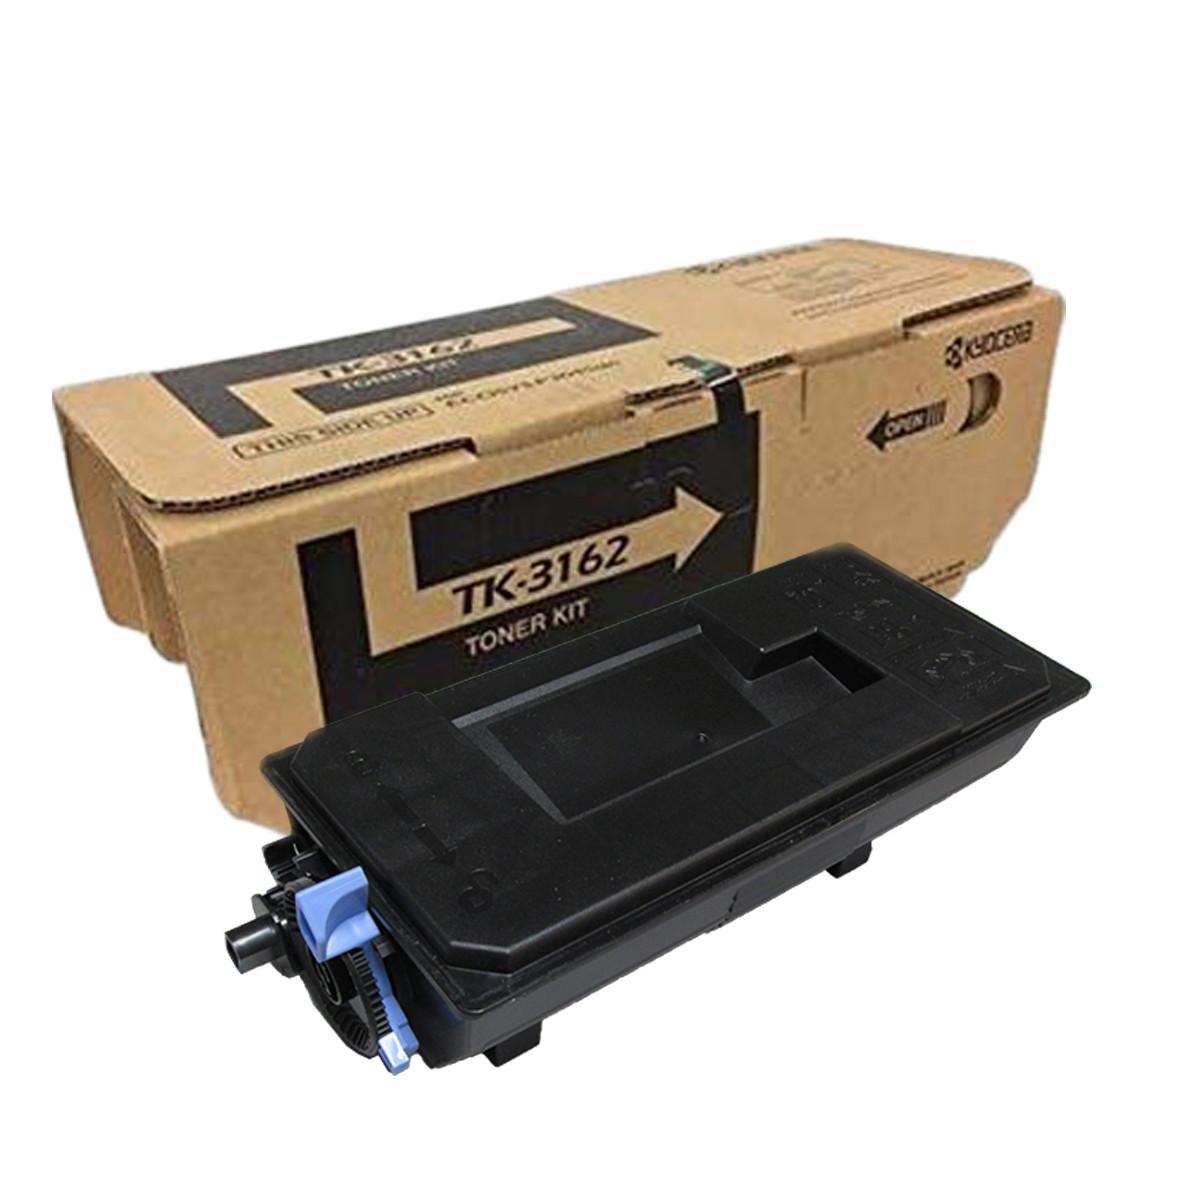 Toner Kyocera TK-3162   P3045 M3145 3045DN 3145IDN P3045DN M3145DN   Original 12.5k